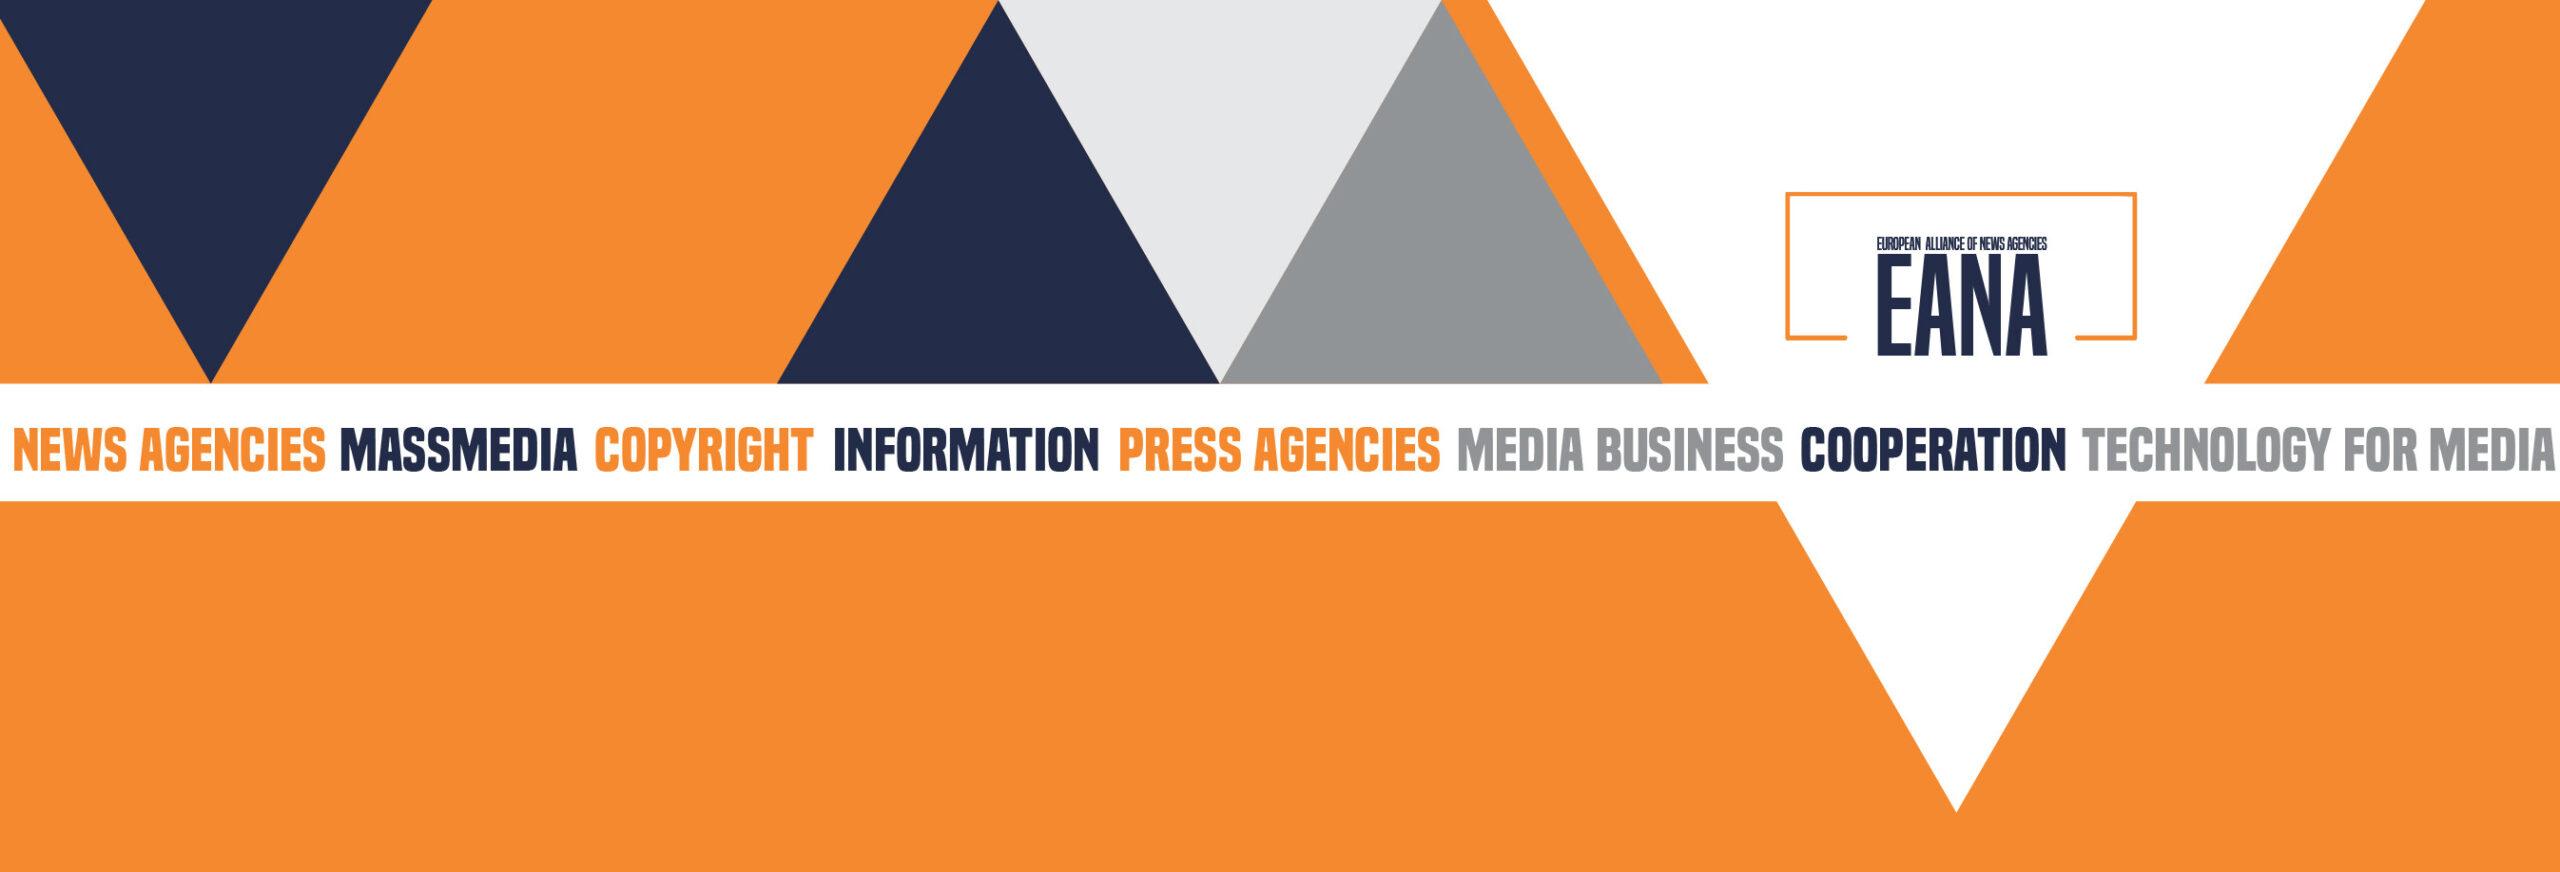 EVROPSKA ALIJANSA NOVINSKIH AGENCIJA: Zatvaranje AAP-a tužan trenutak za medijsku zajednicu